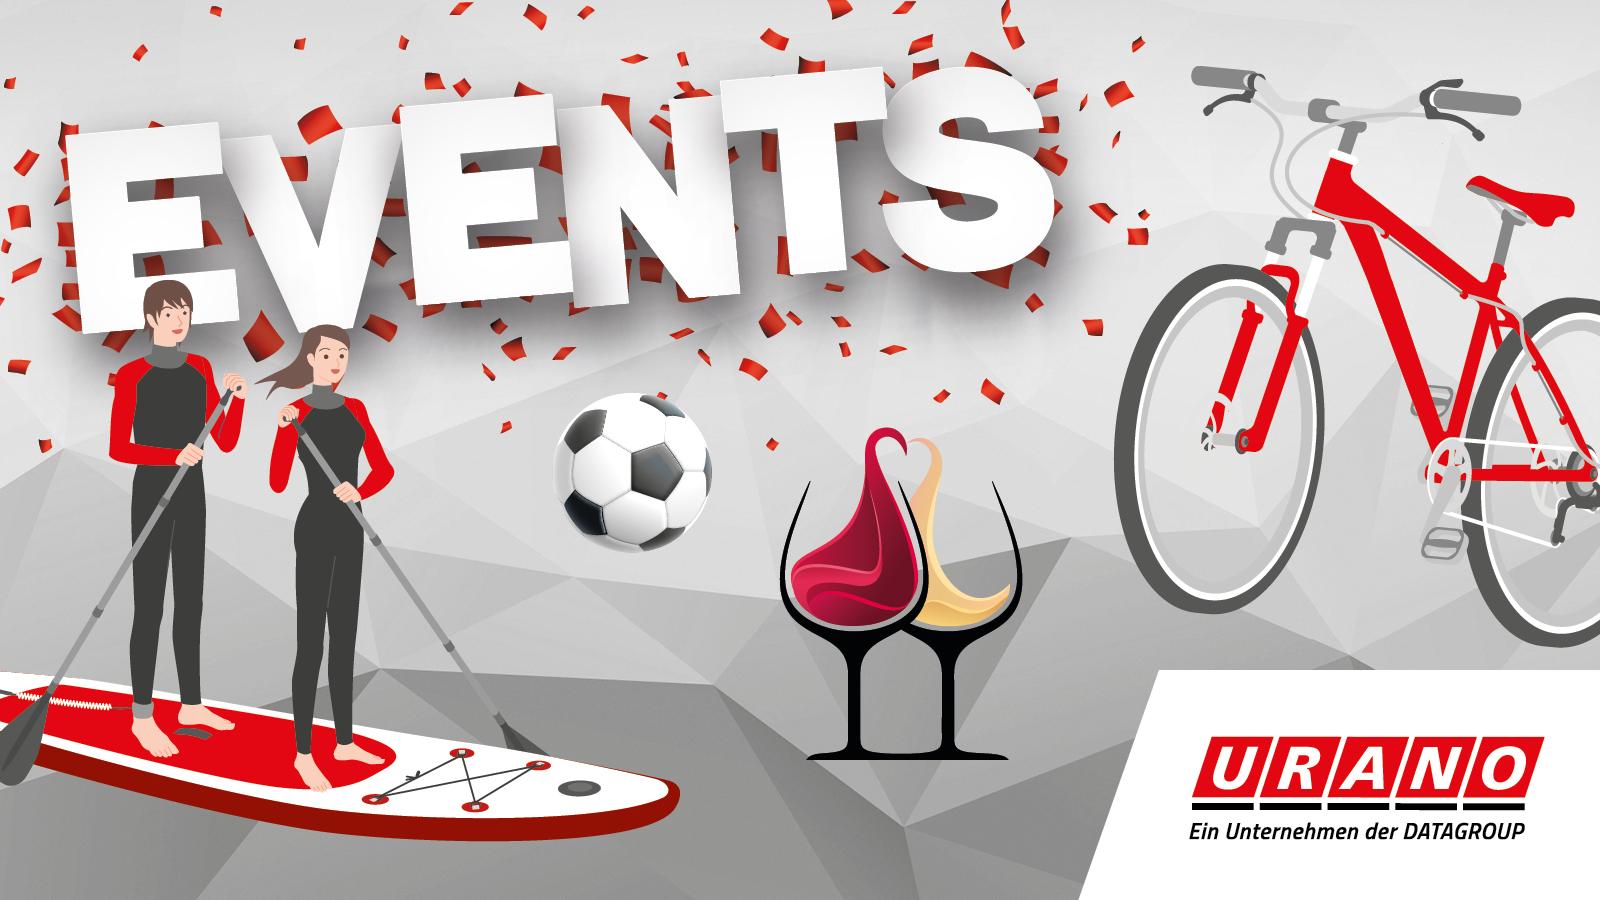 Austausch, Vernetzung und Spaß: URANO organisiert monatliche Mitarbeiter-Events